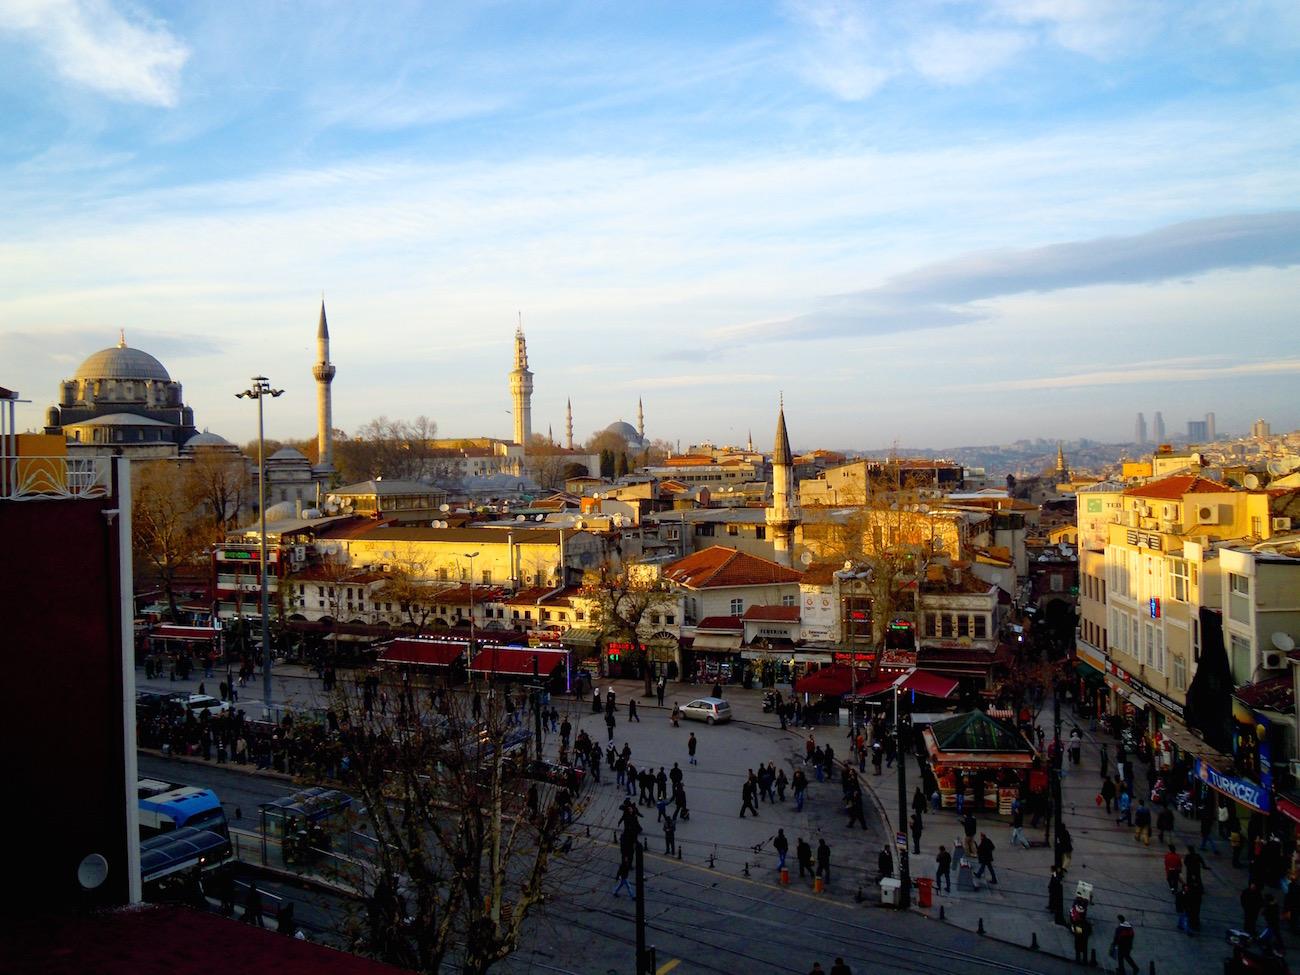 Männerurlaub Türkei: Traumstrände, Sonne & unermessliche Kulturschätze